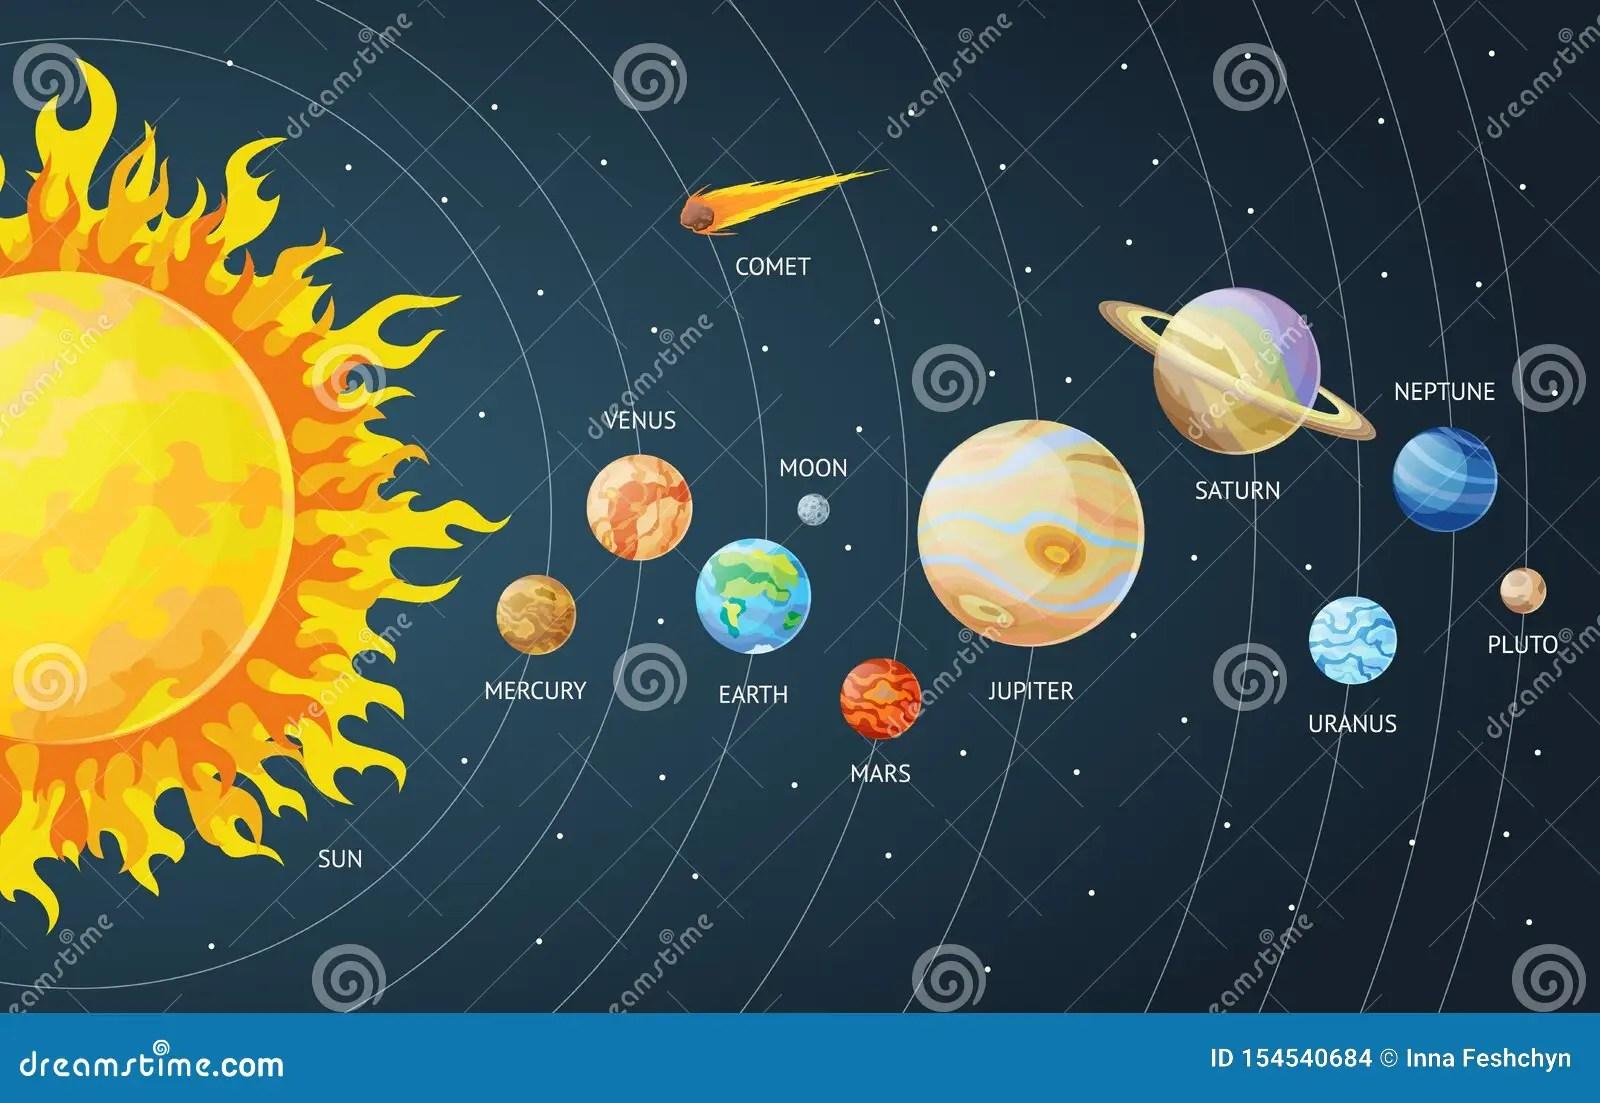 Insieme Del Sistema Solare Dei Pianeti Del Fumetto Pianeti